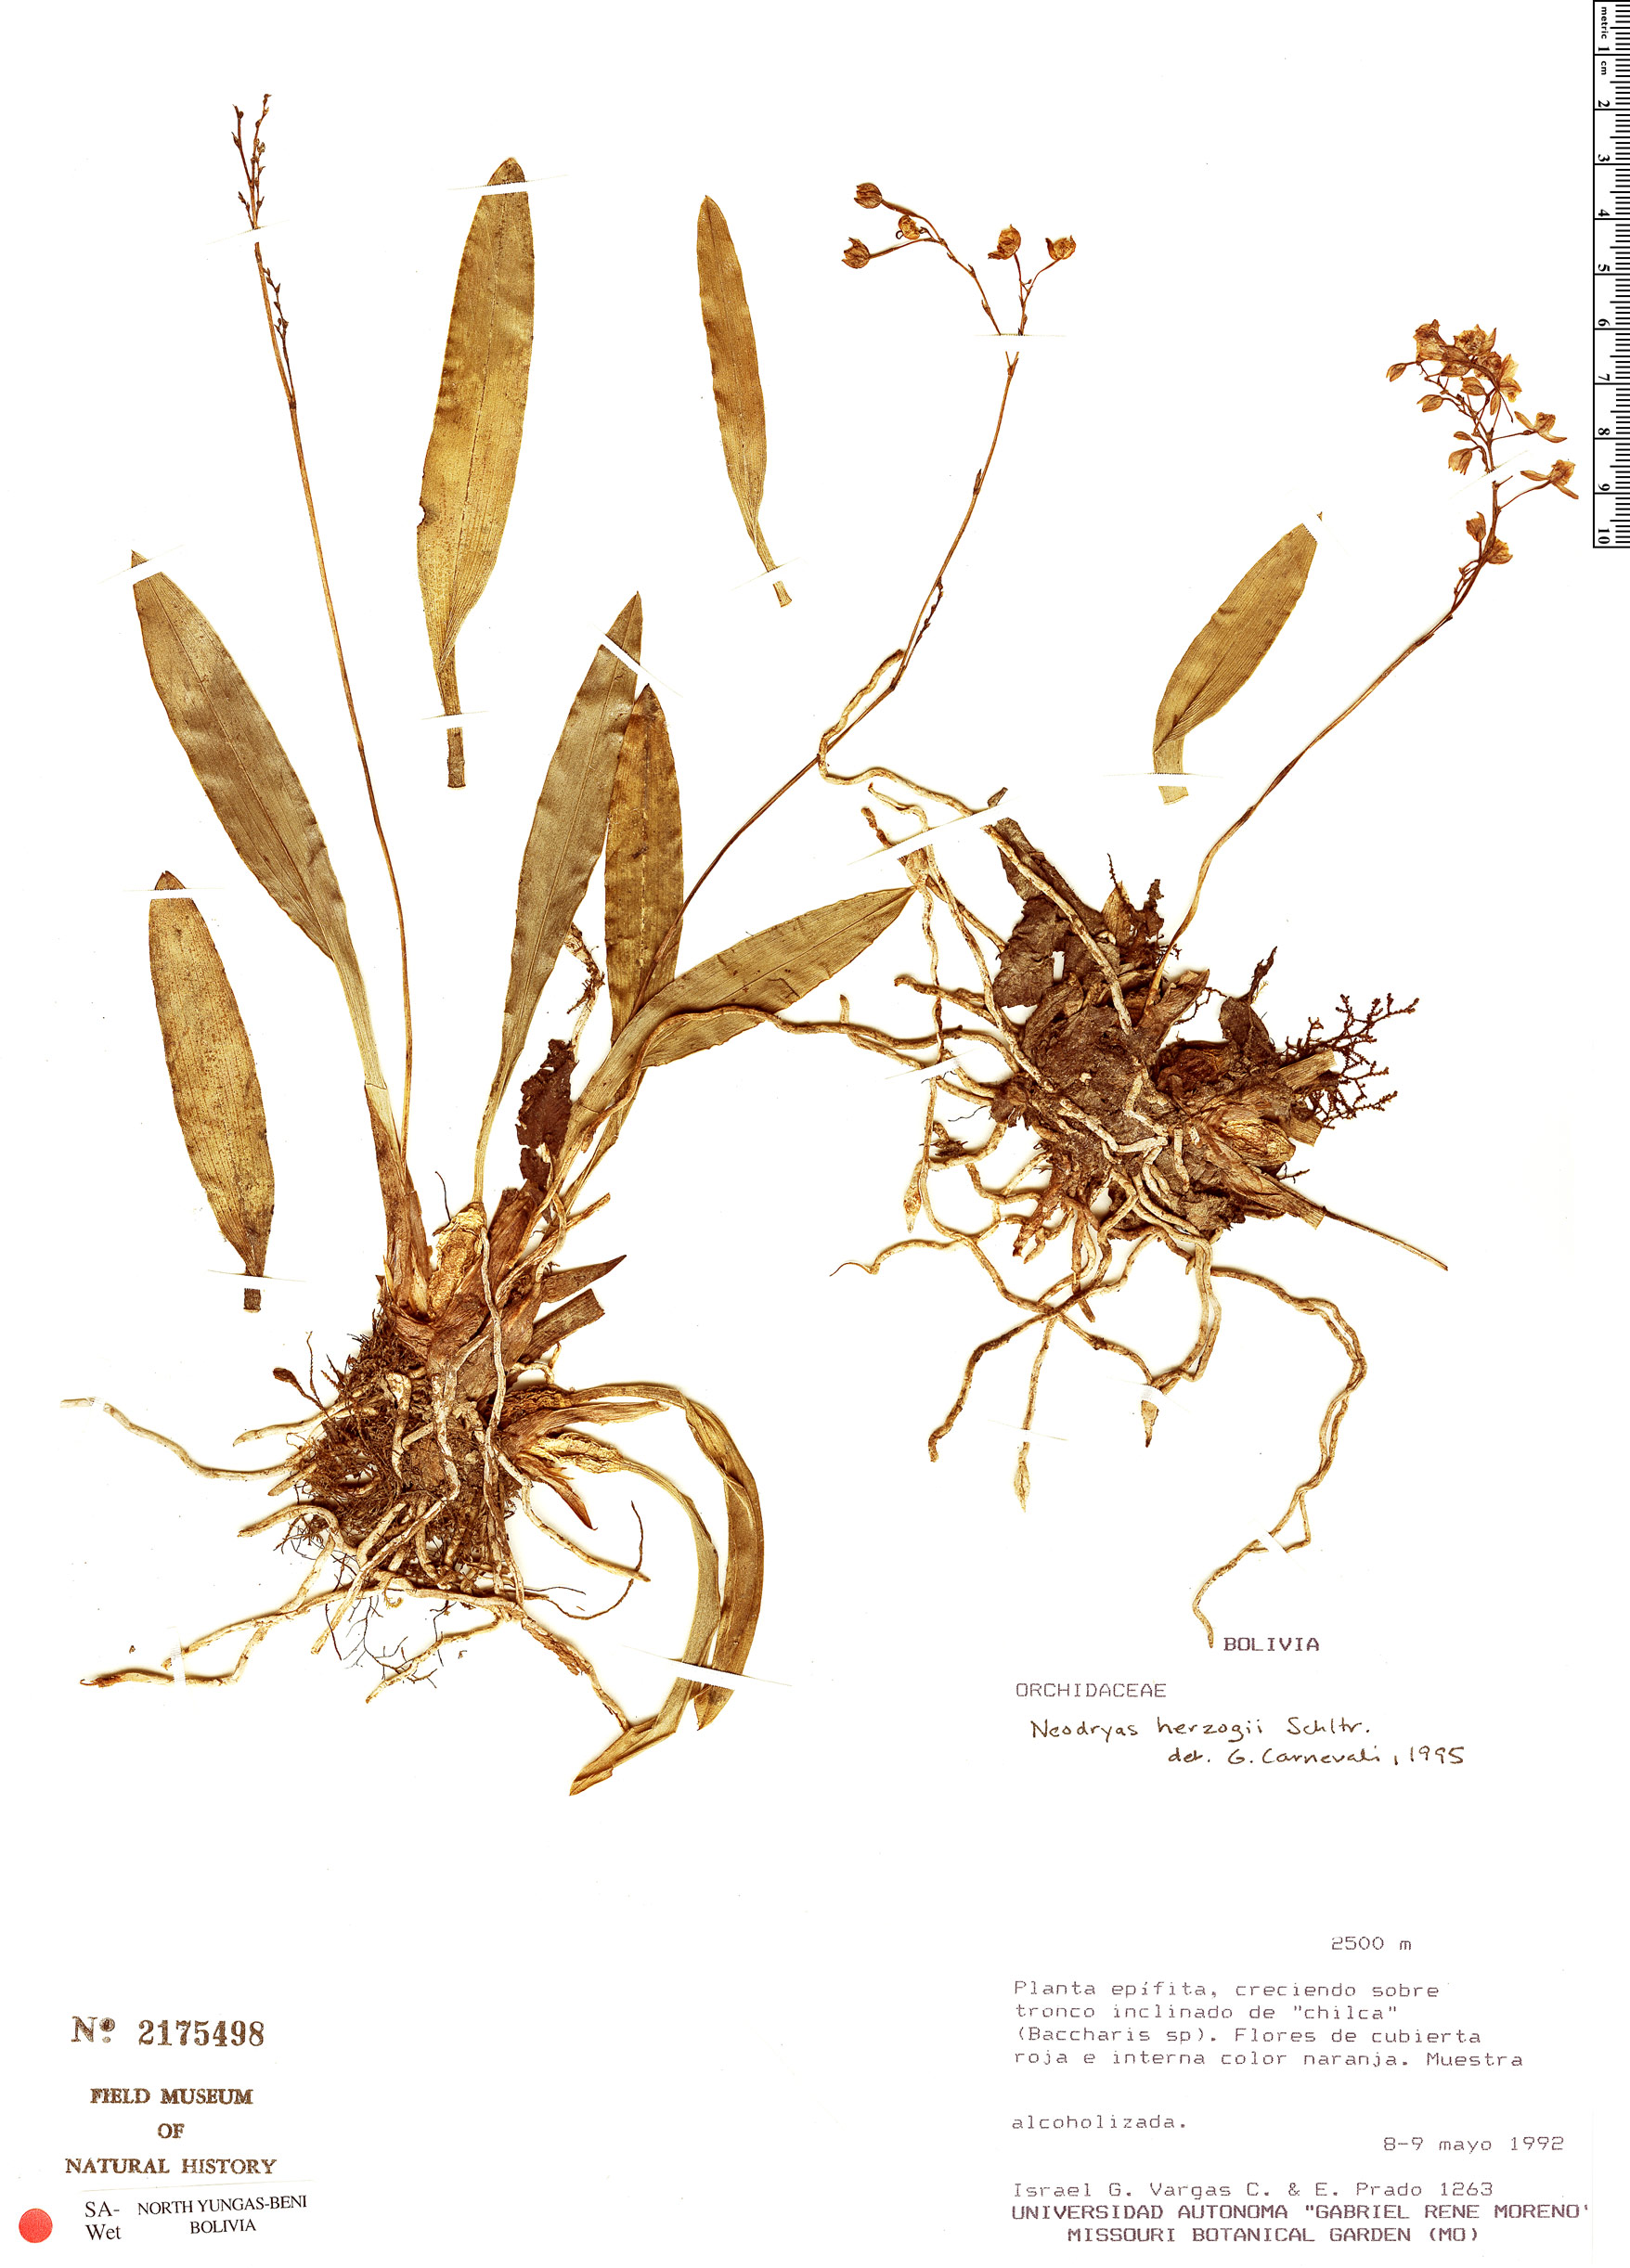 Specimen: Neodryas herzogii